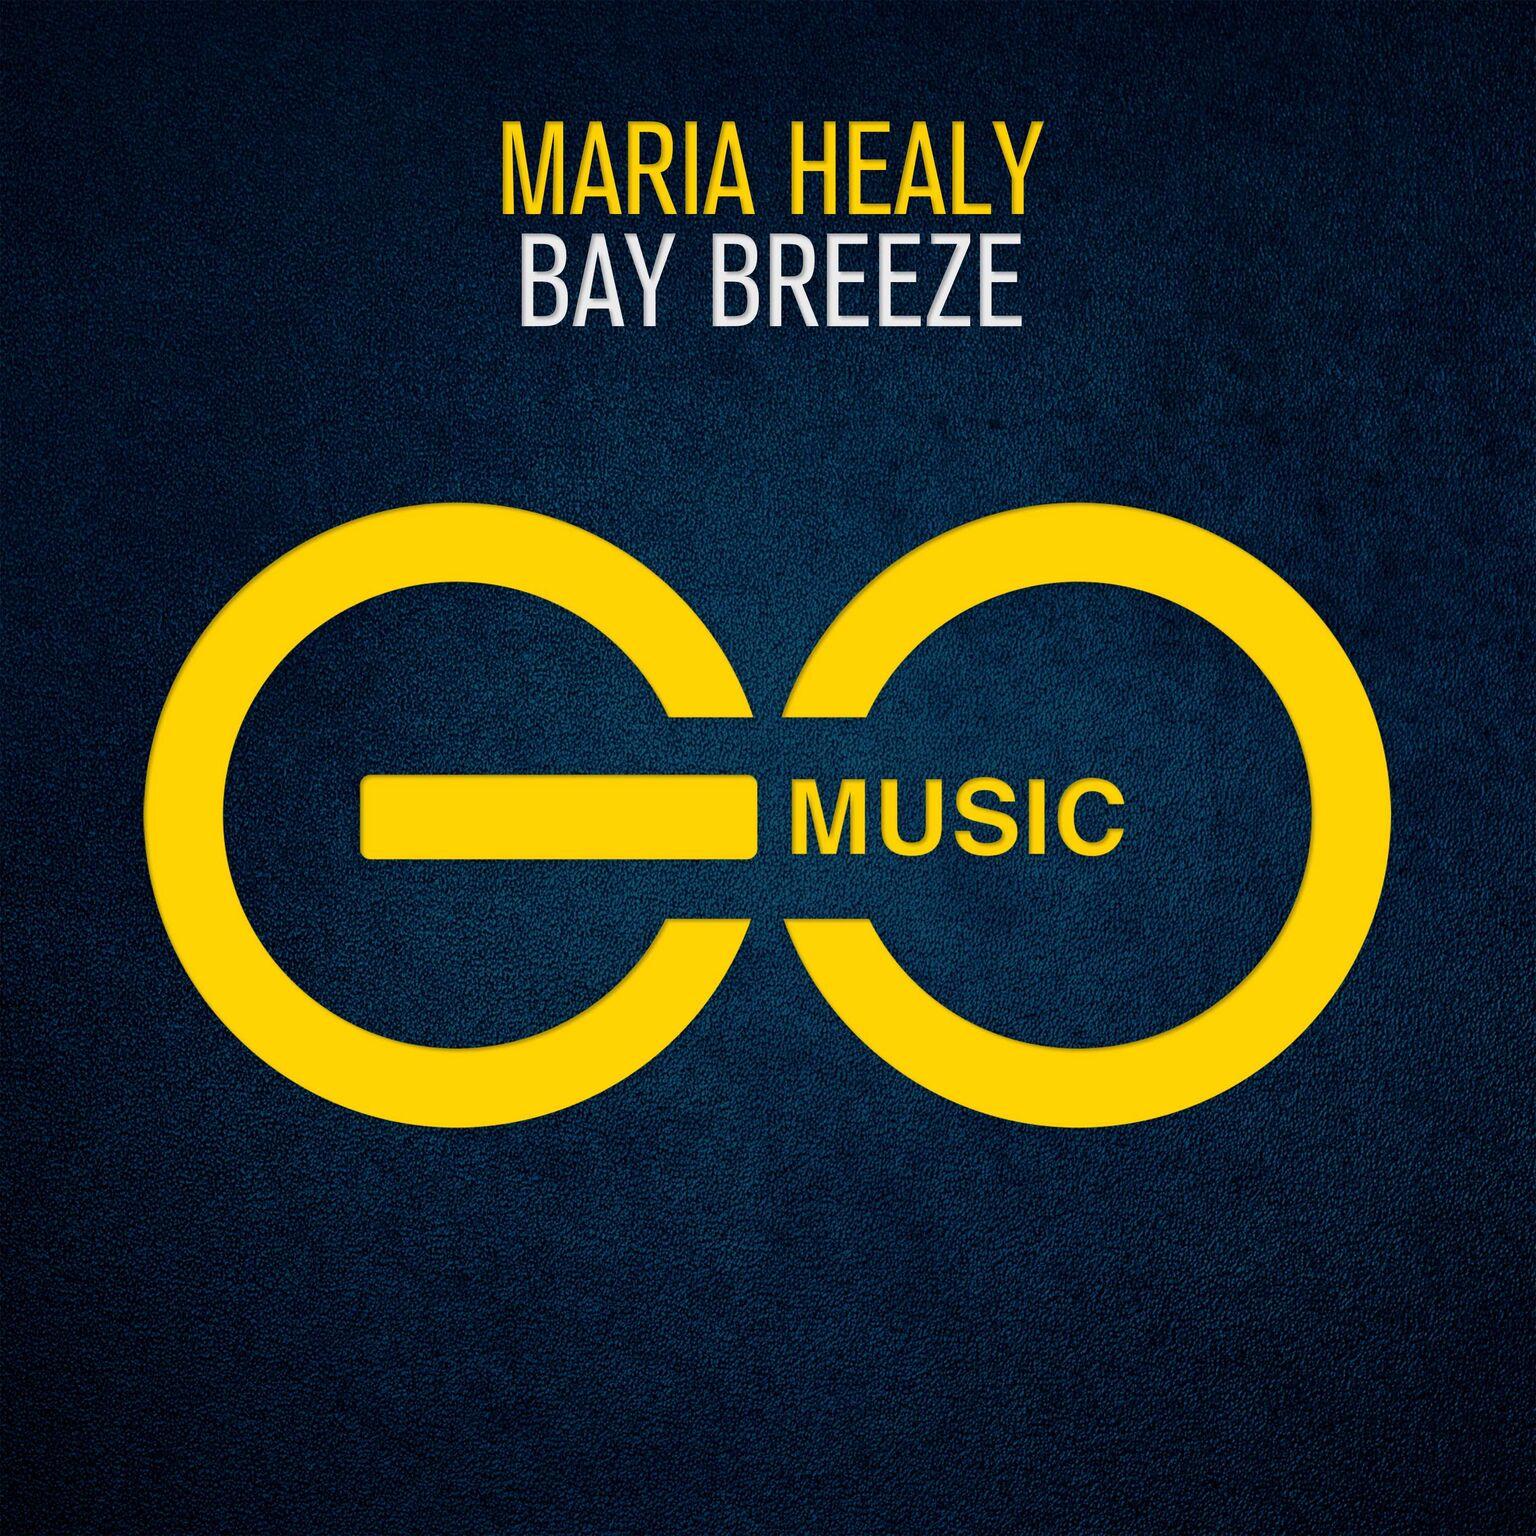 Maria Healy – Bay Breeze